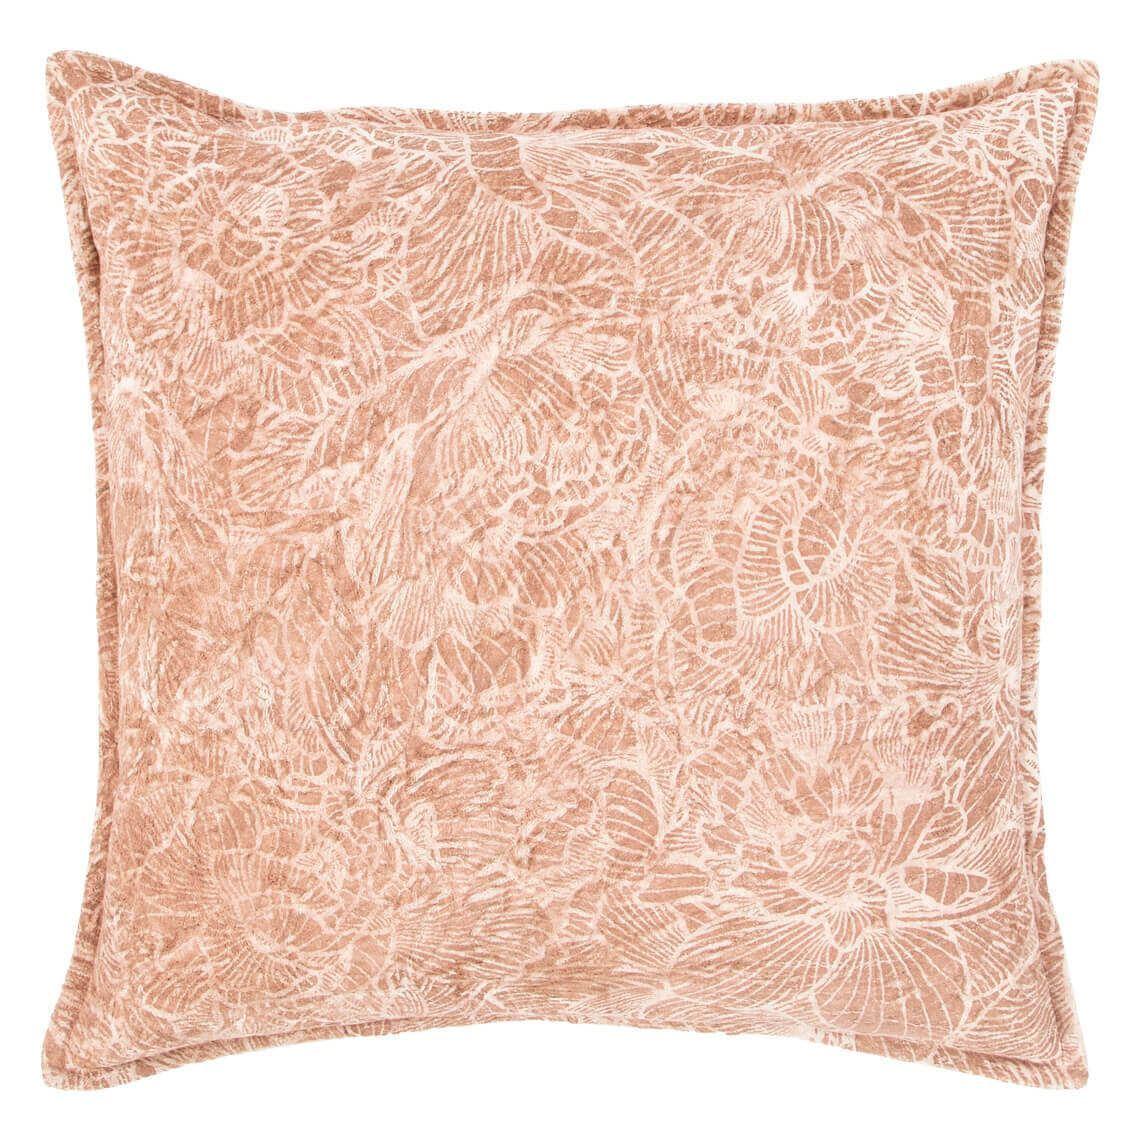 Zando Cushion Size W 50cm x D 50cm x H 14cm in Blush 50%viscose Velvet/50%cotton Freedom